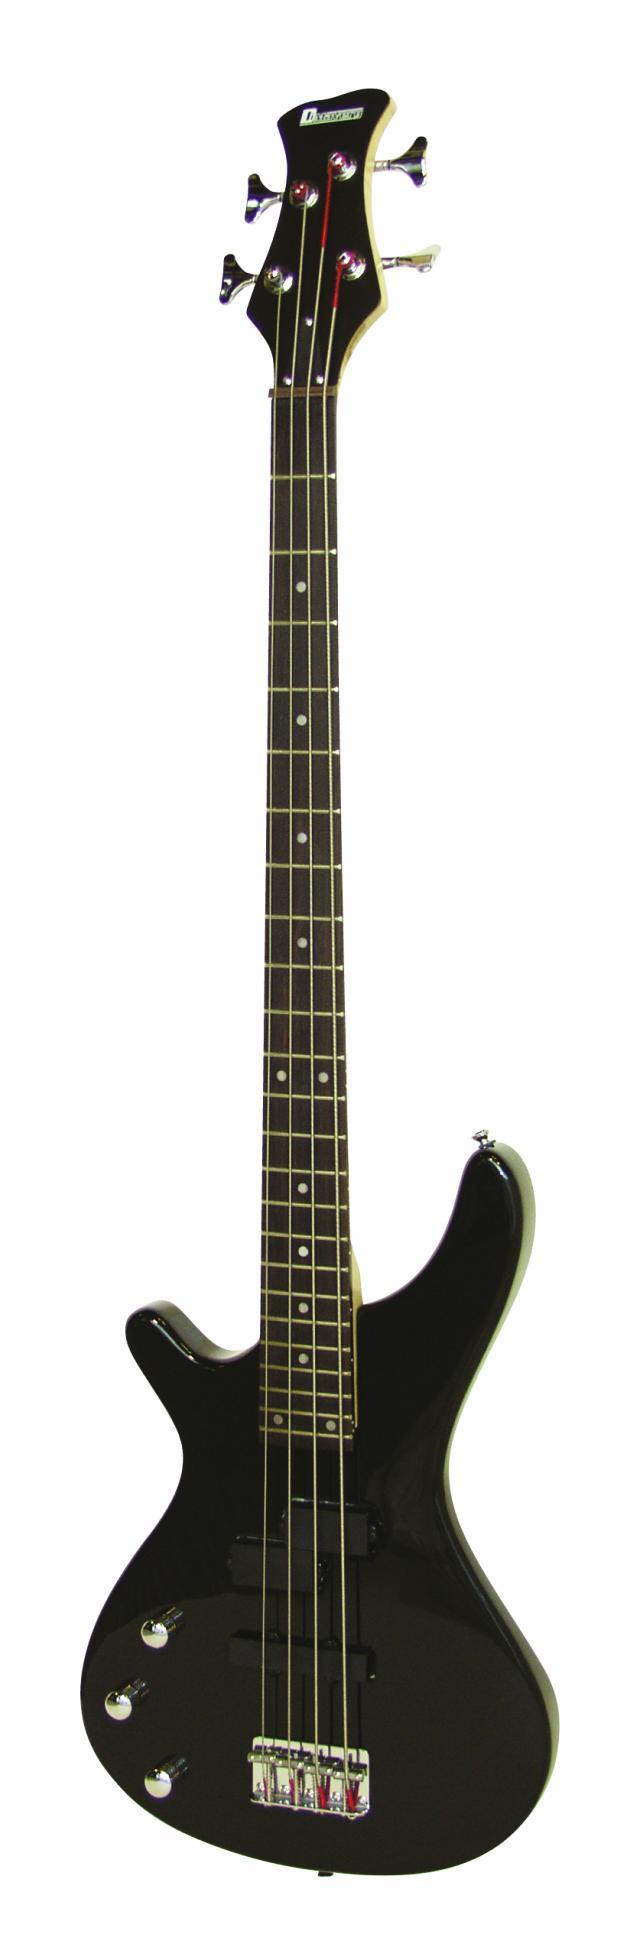 Fotografie Dimavery SB-321 elektrická baskytara pro leváky, černá